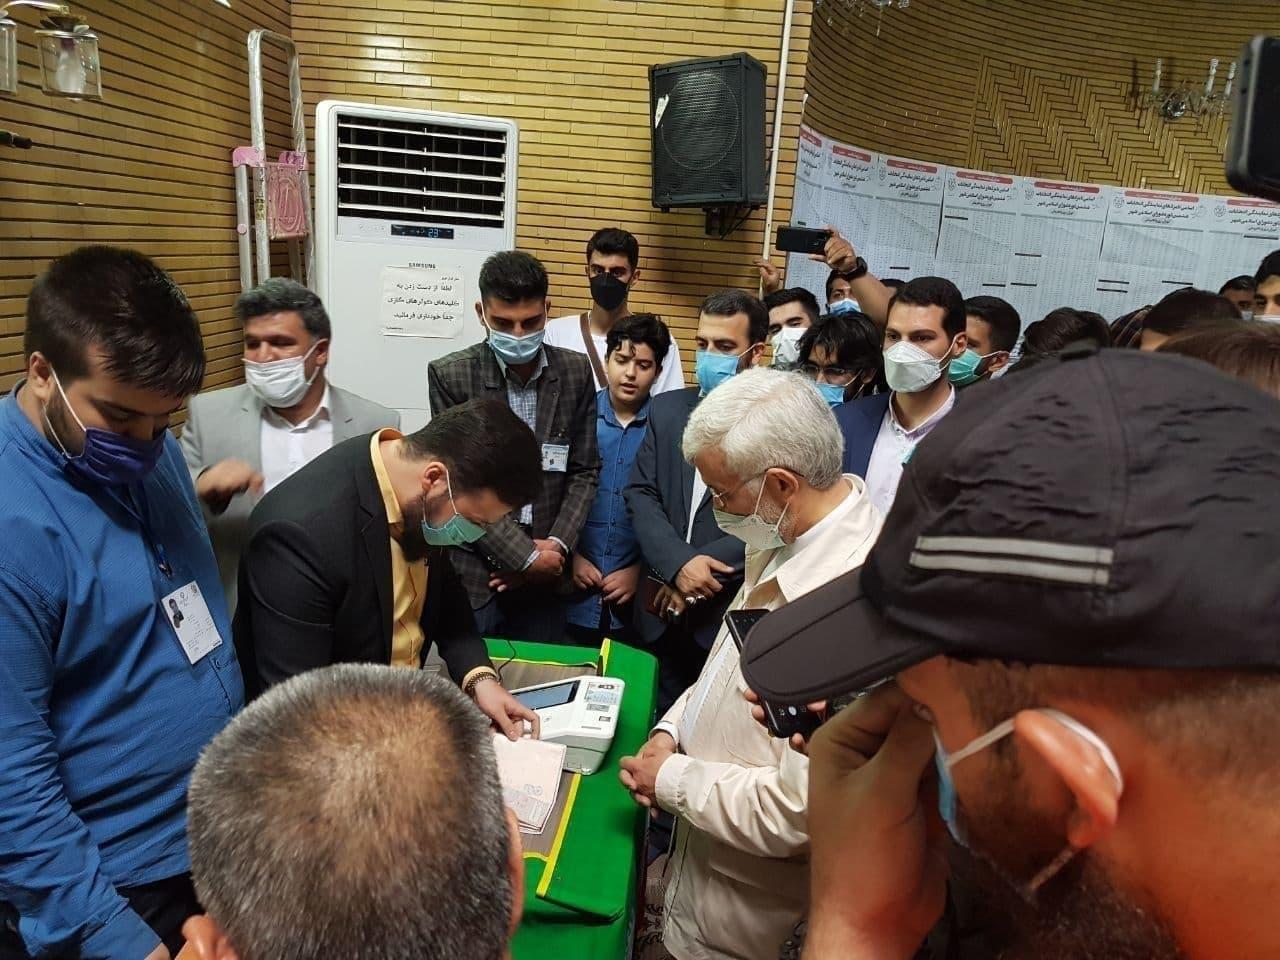 وزیر کشور: در هیچ شعبهای فرآیند رأیگیری متوقف نشده است / قالیباف: ریشه مشکلات سوء مدیریت است نه اعتبار / روحانی: حتی یک مورد ناامنی از انتخابات نداشتیم